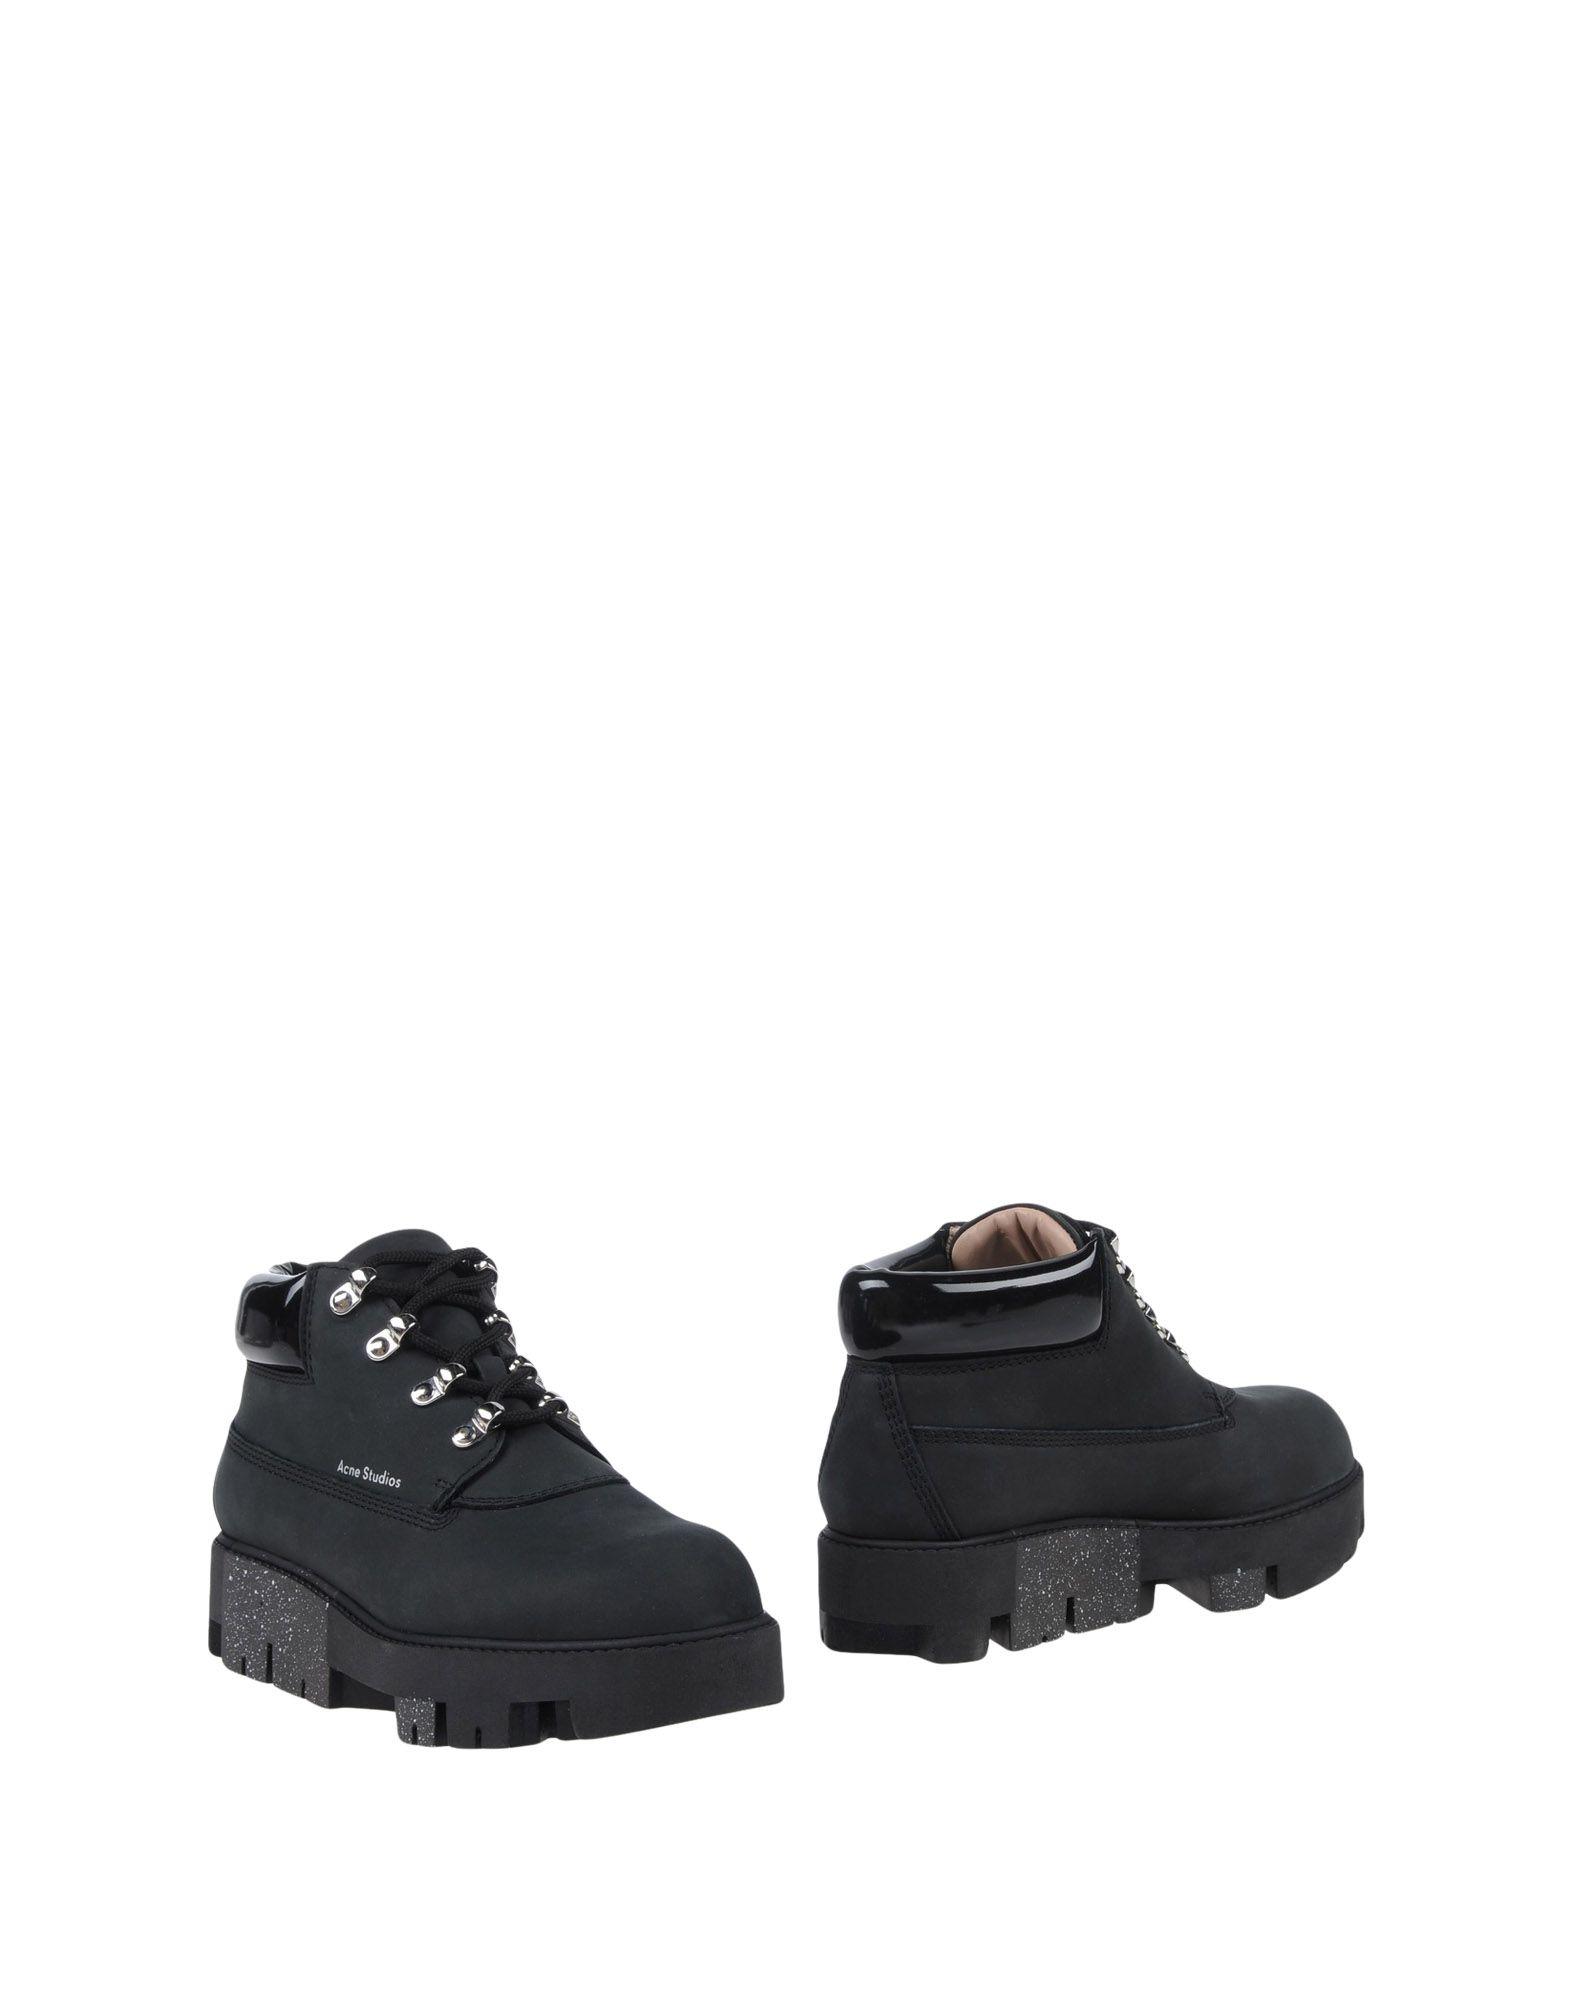 Acne Studios Stiefelette Damen  11408209TPGünstige gut aussehende Schuhe